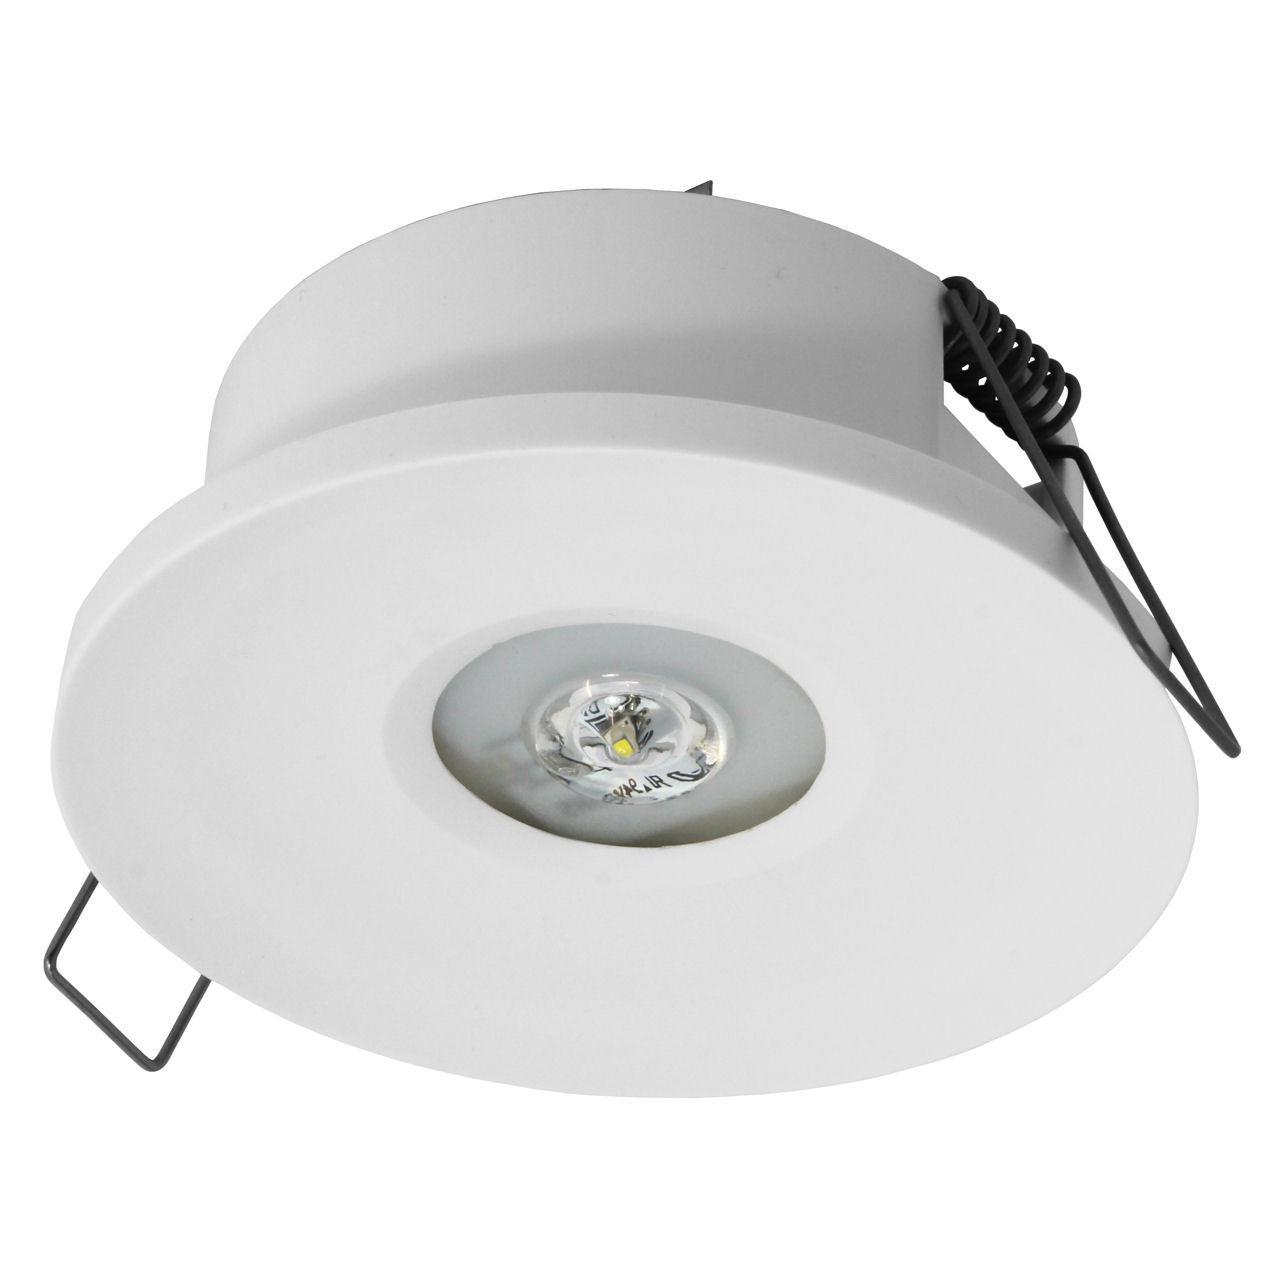 Встраиваемые светодиодные аварийные светильники IP65/20 или IP20 для открытых зон AXP Awex